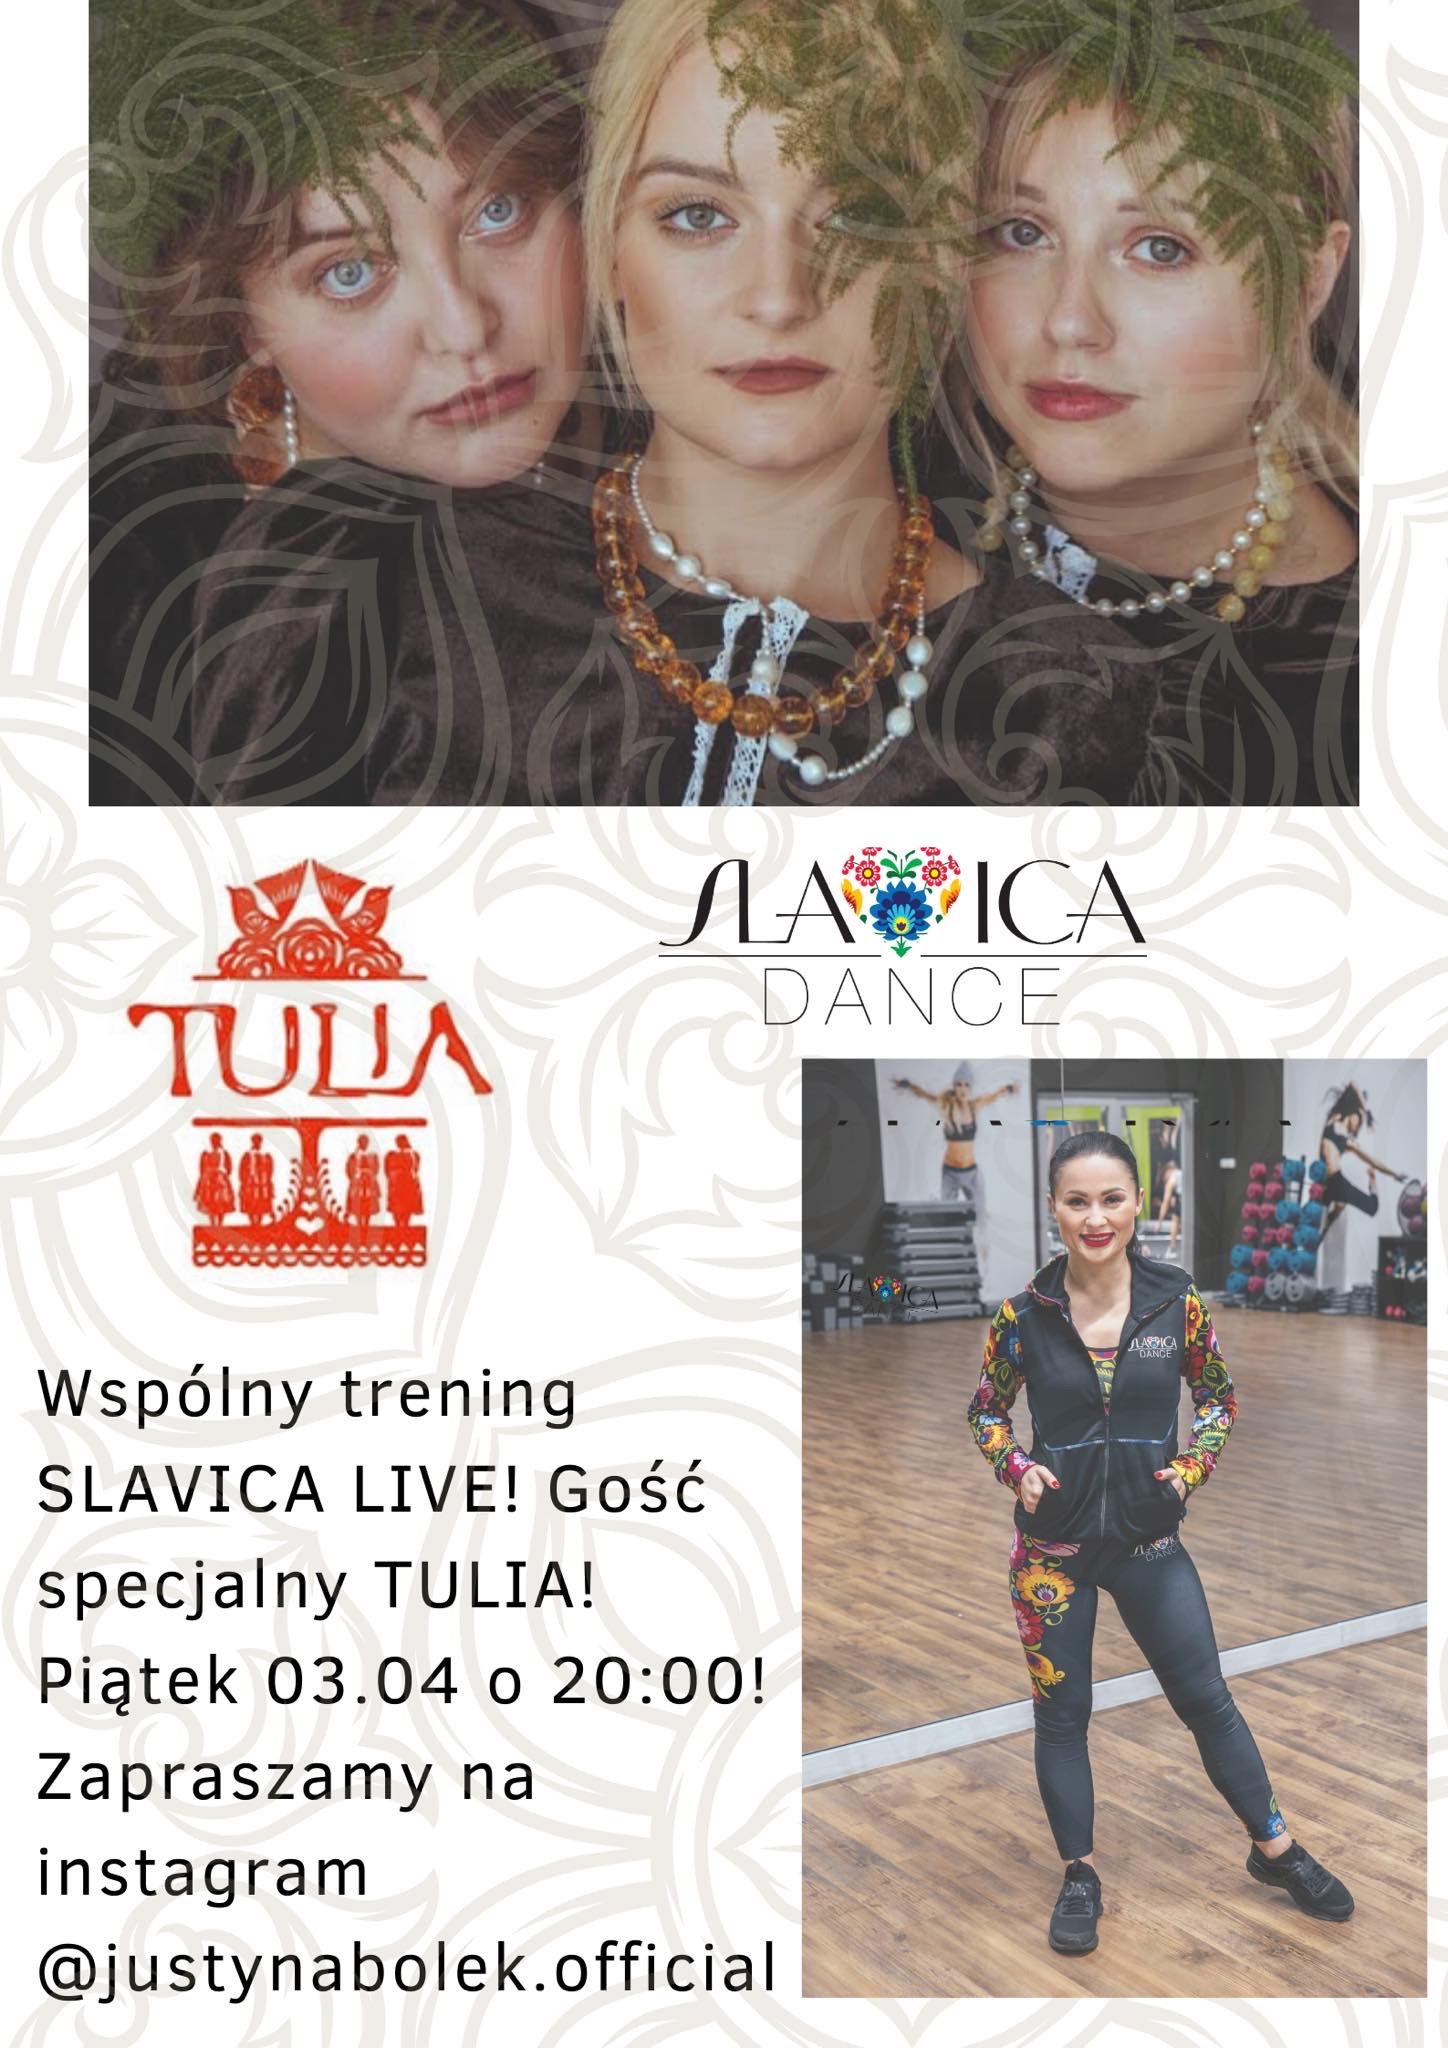 BlogStar: Justyna Bolek - treningi fitness live są wspaniałą motywacją dla wielu! - BlogStar.pl